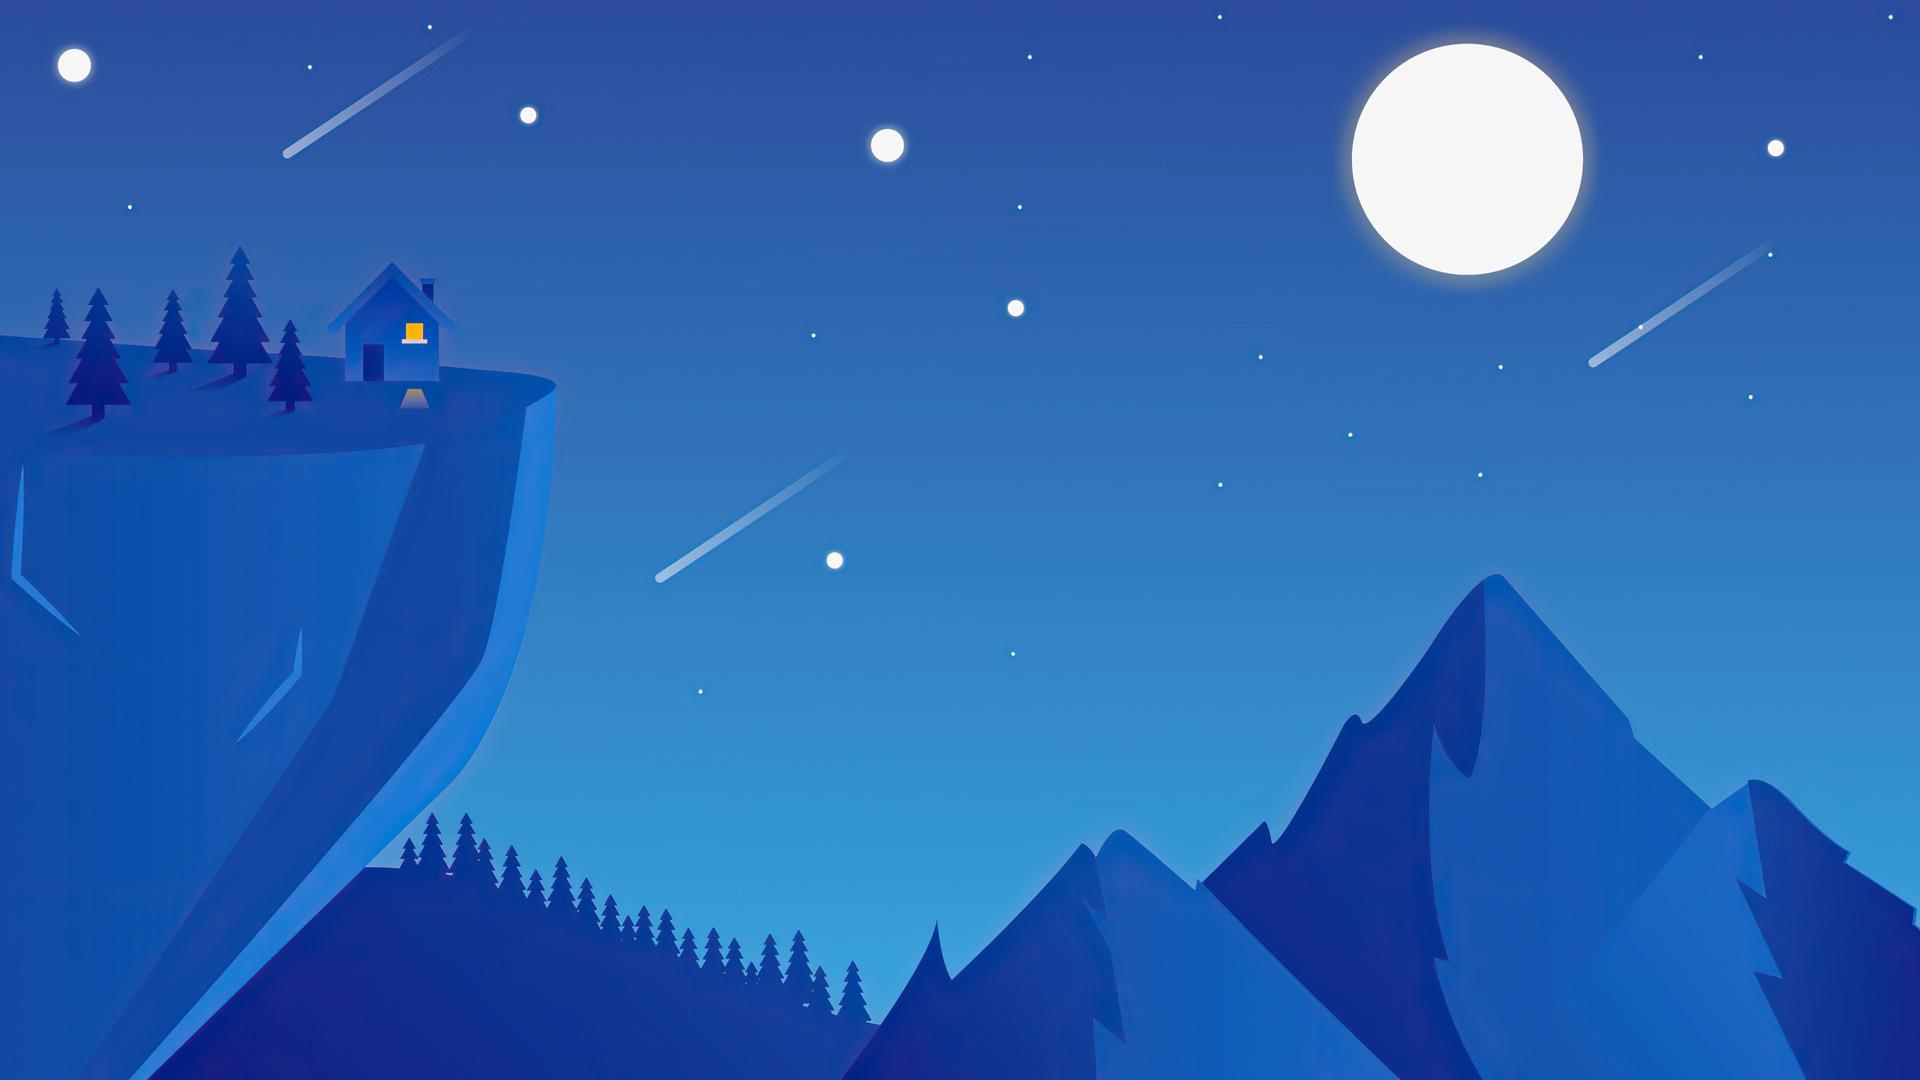 1920x1080 Mountain Space Shooting Stars Minimal 4k Laptop ...